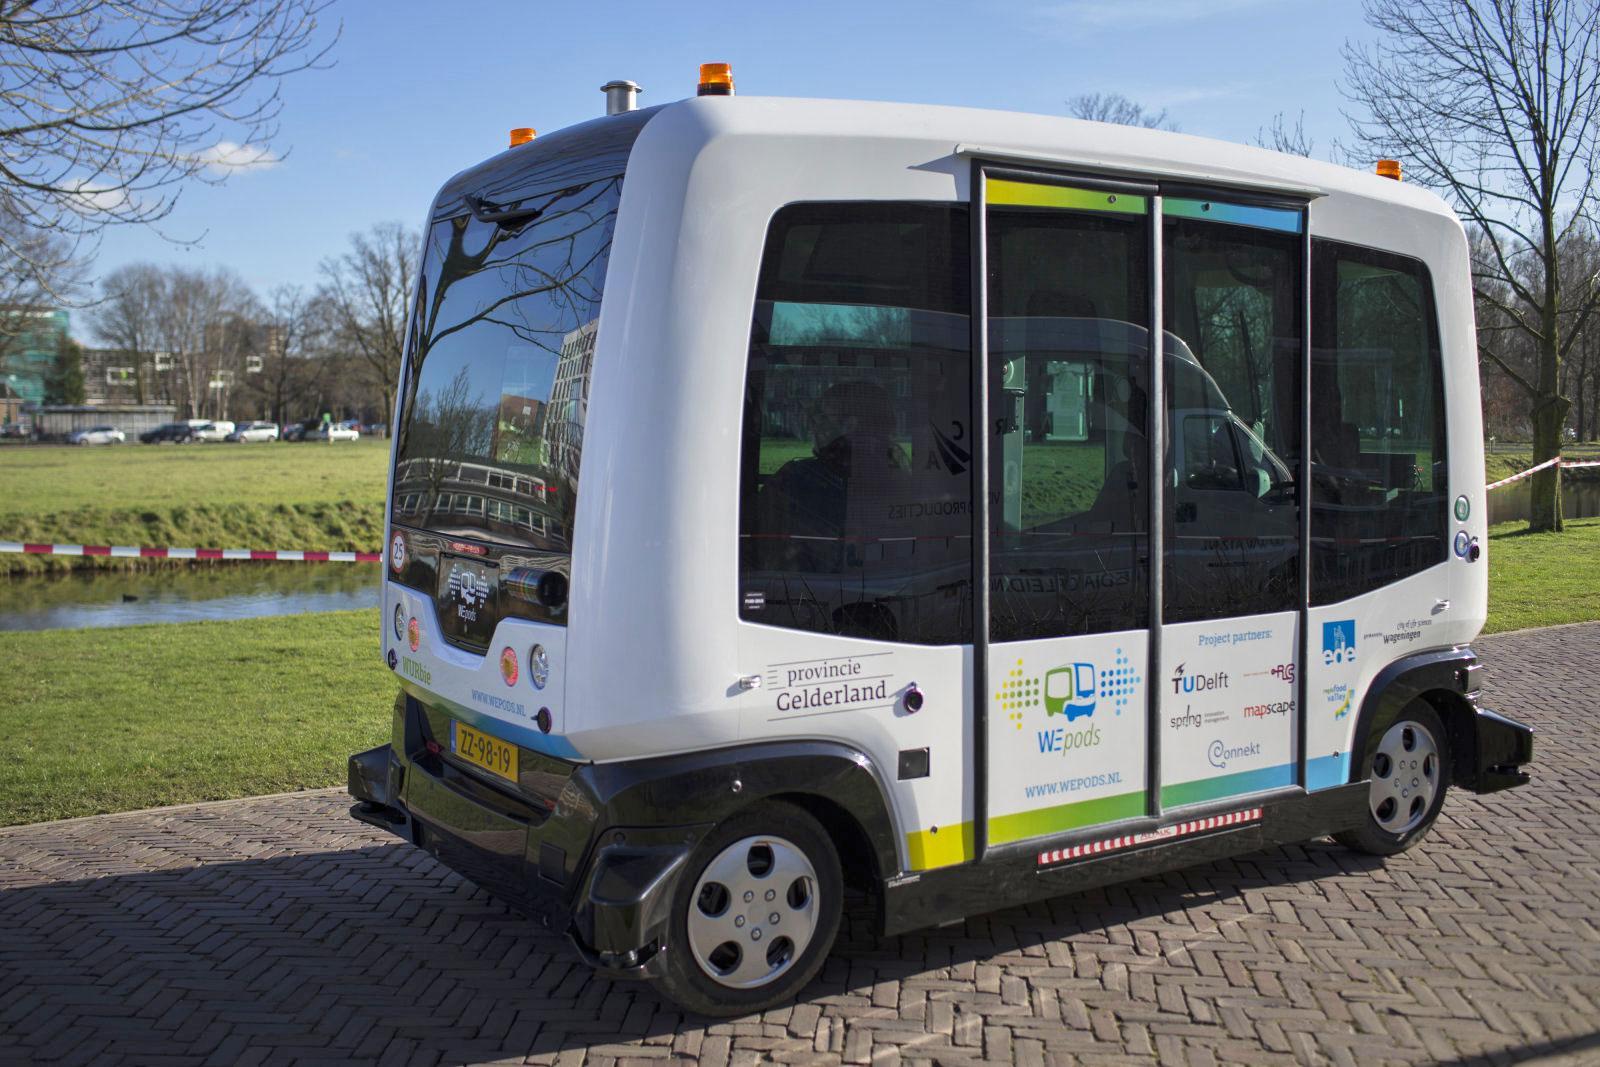 Finlândia vai começar a testar ônibus autônomos